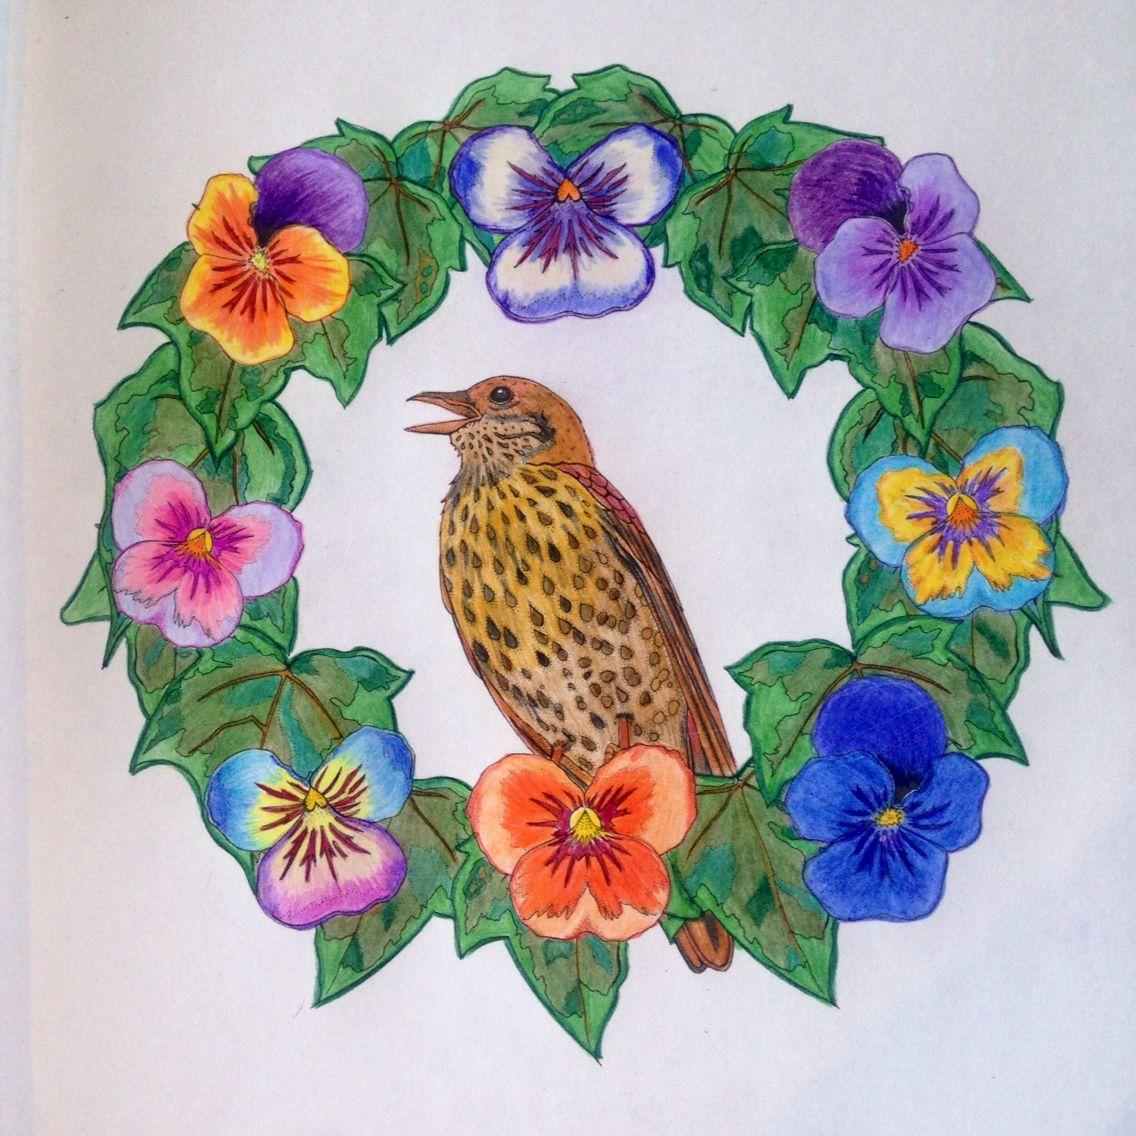 Coloring Book Birdtopia Daisy Fletcher Mandala Coloring Coloring Books Beautiful Birds